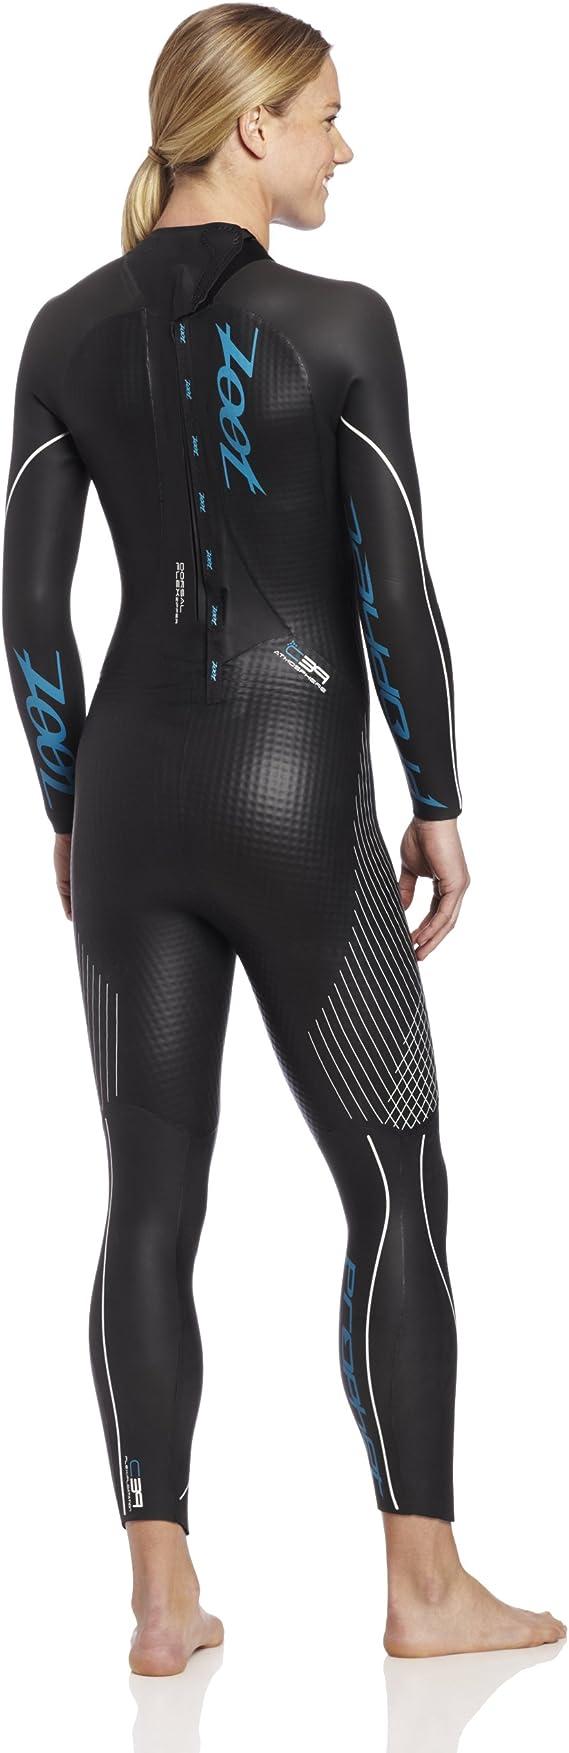 Retail $675 NEW Zoot Womens Triathlon Wetsuit Prophet 2.0 Wetzoot